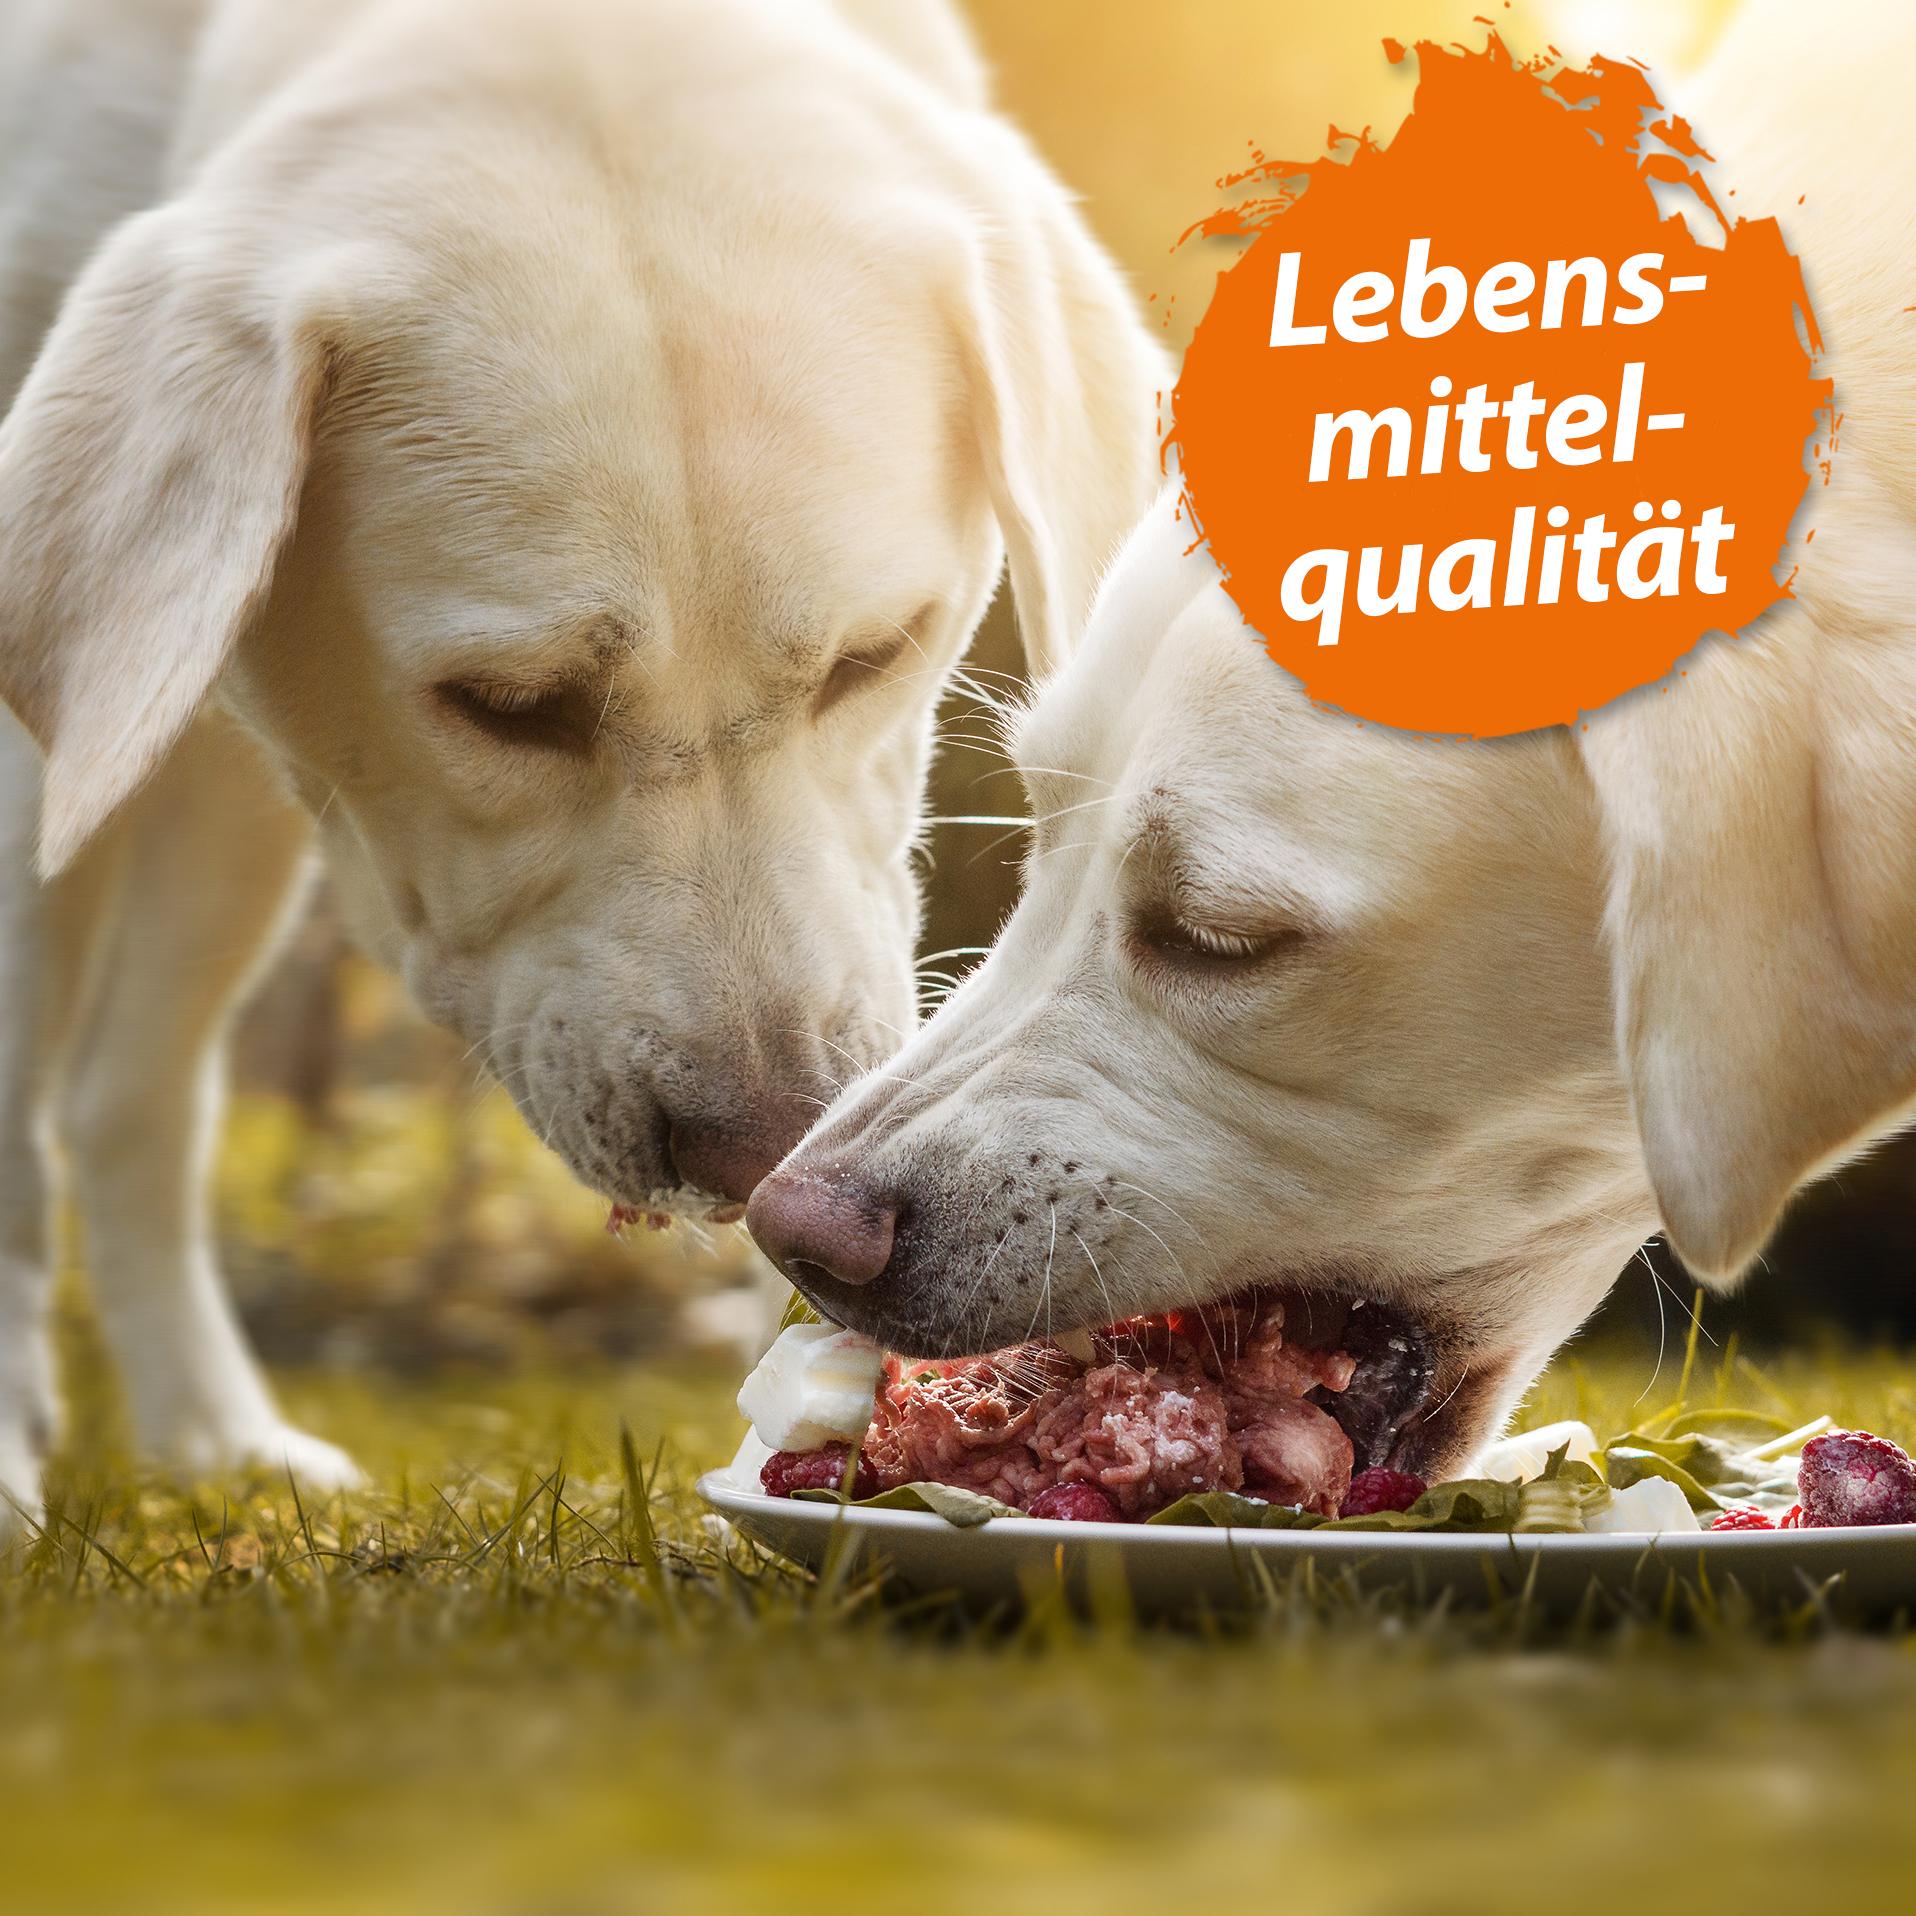 MSM Pulver - Organischer Schwefel in Lebensmittelqualität - 150 g